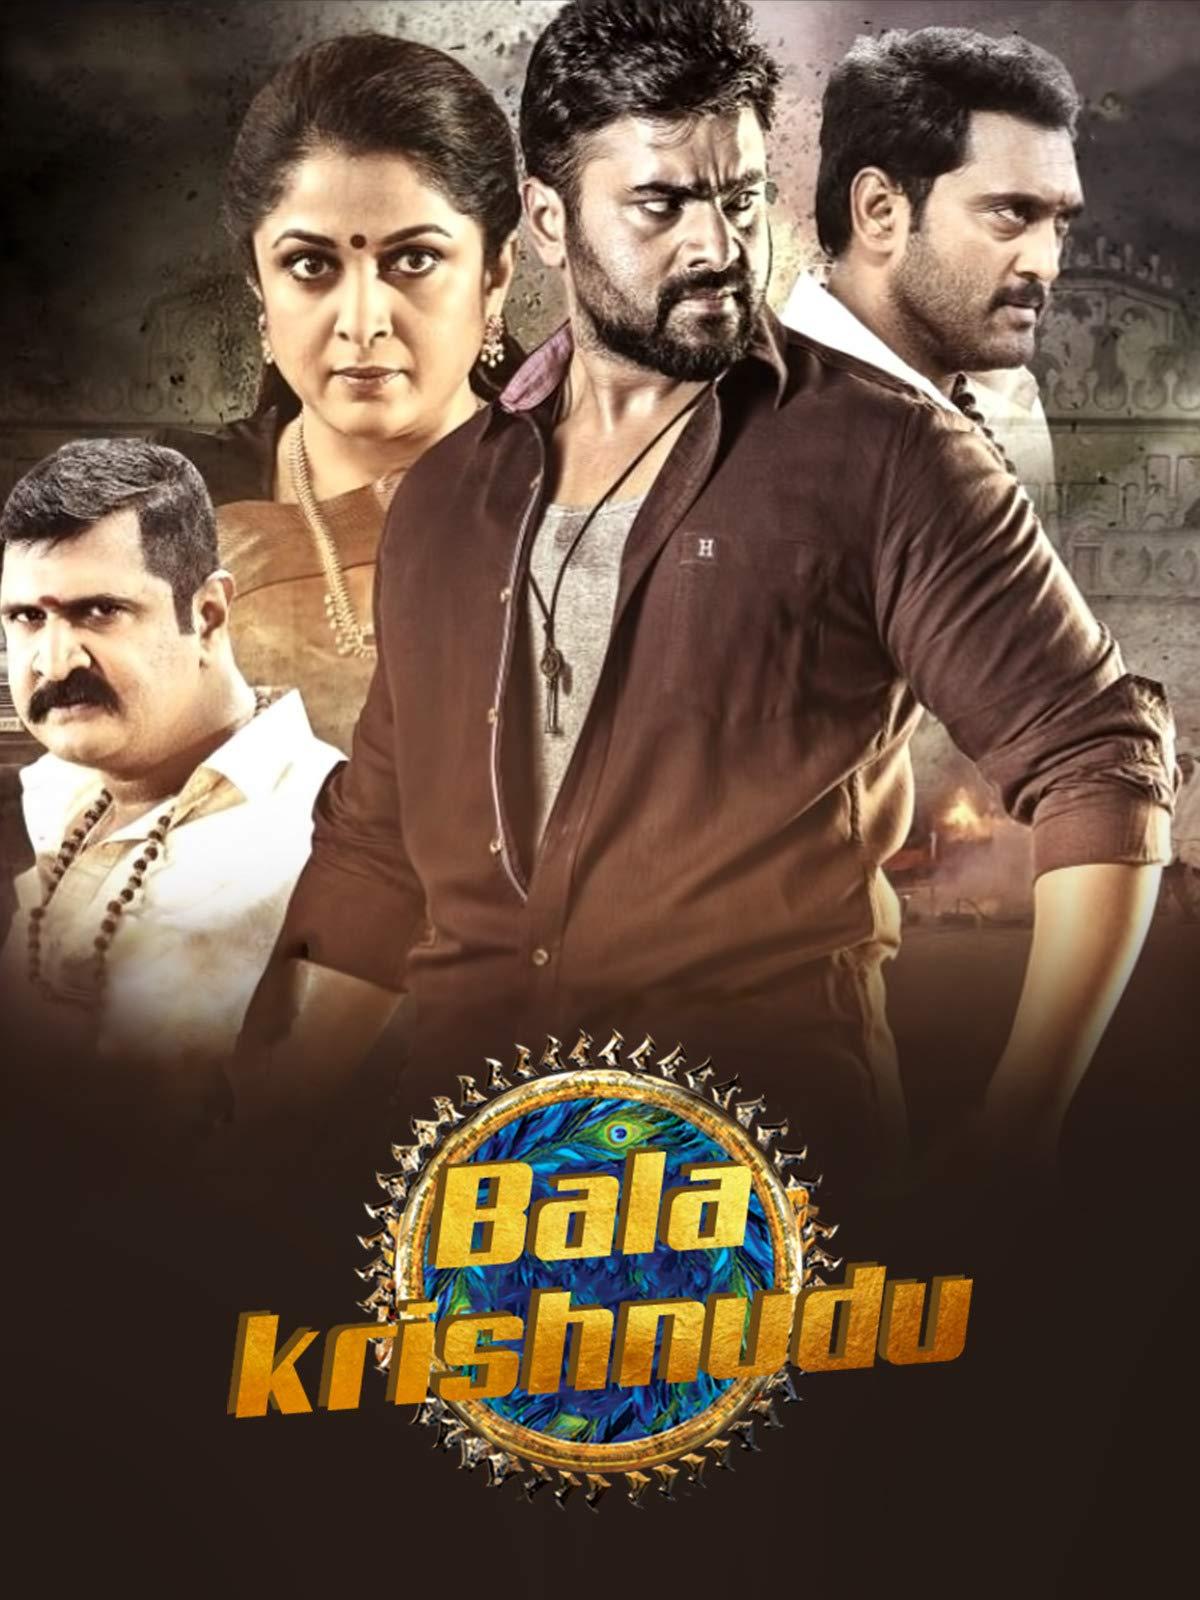 Balakrishnudu 2017 Hindi Dubbed HDRip x264 AAC